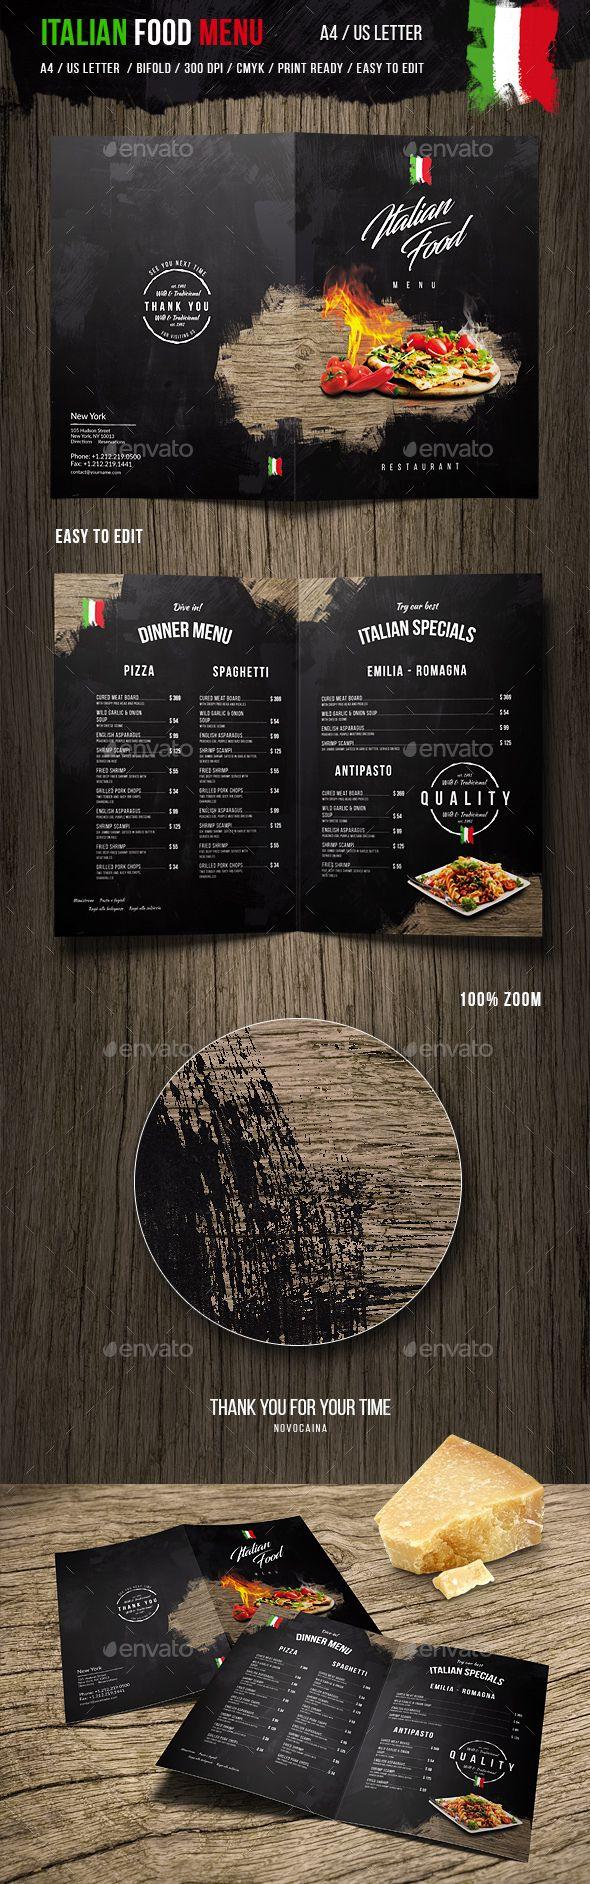 Italian Food Menu - A4 and US Letter | Pinterest | Menú de ...